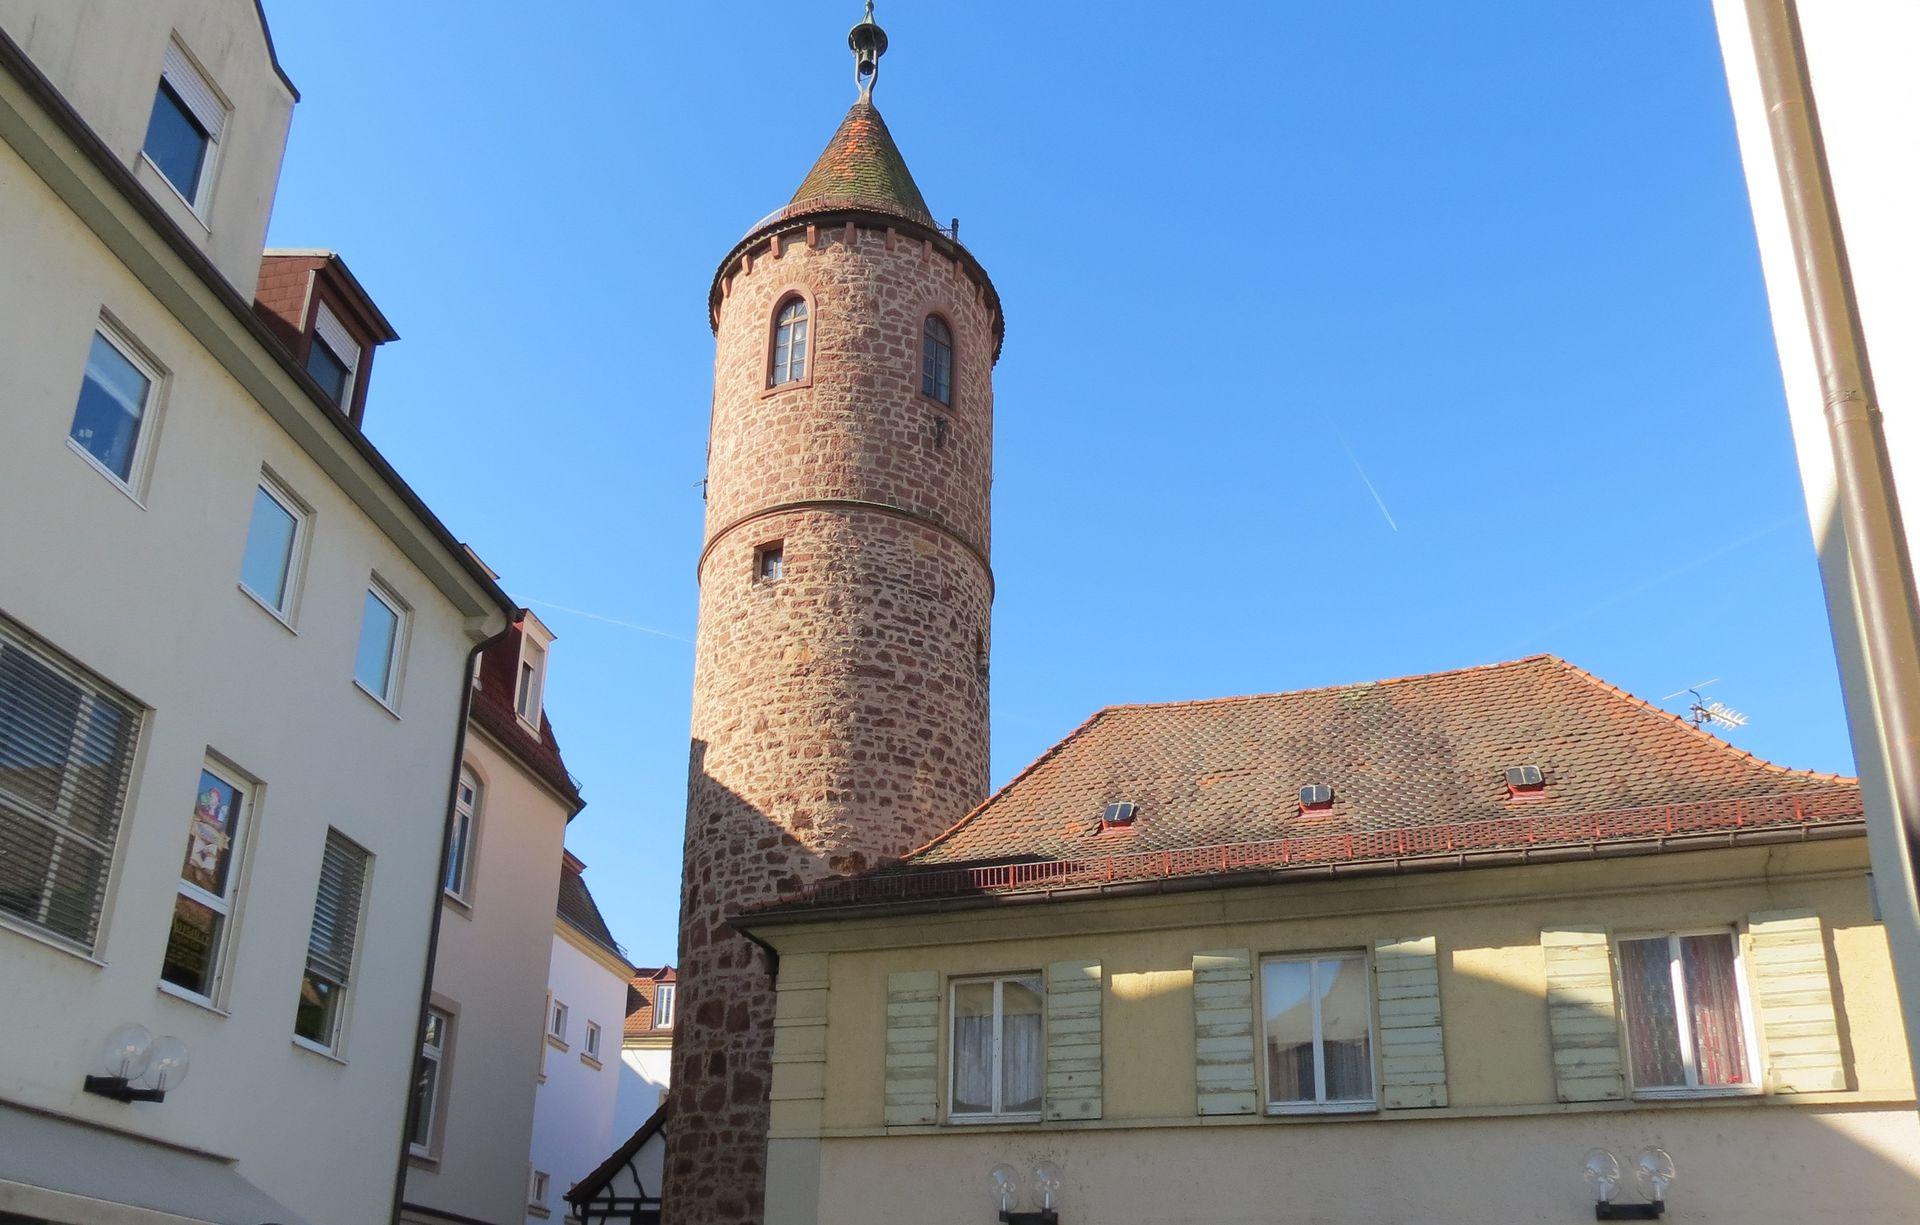 Blick auf Feuerturm Bad Kissingen